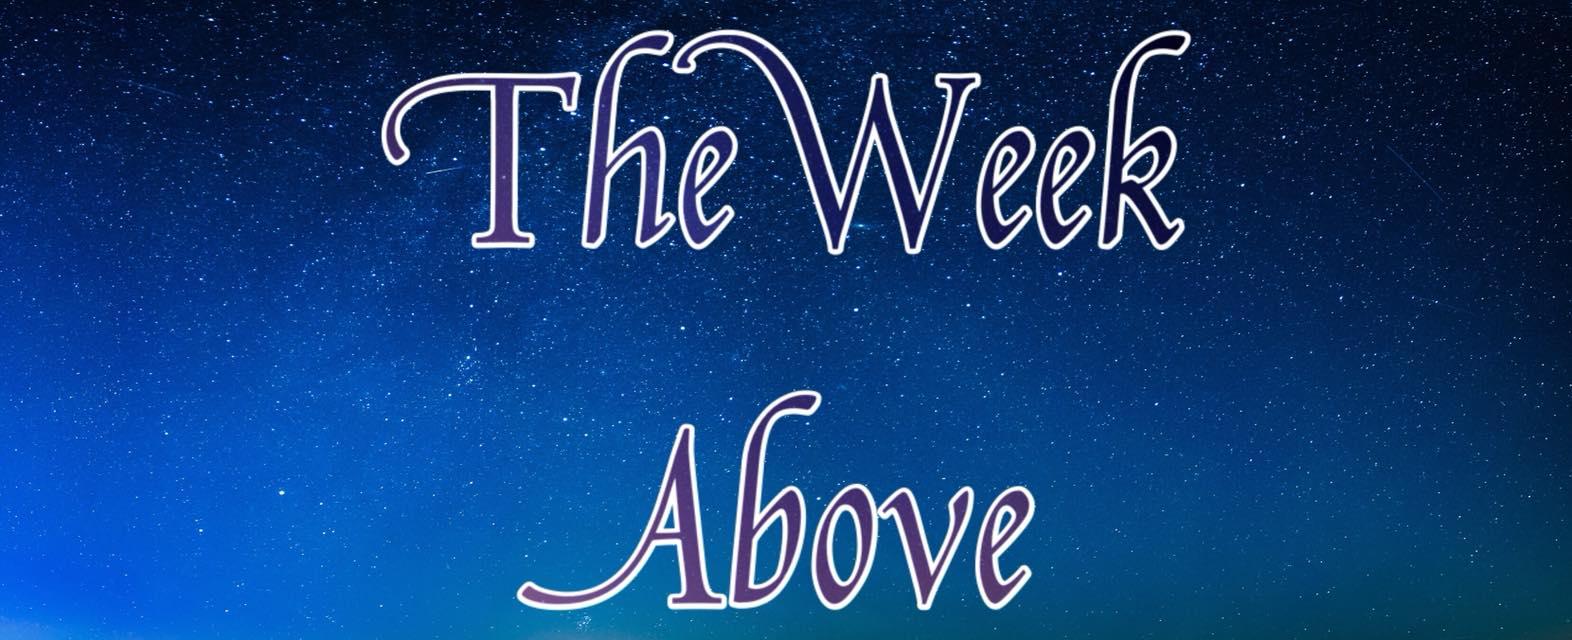 The Week Above logo.jpg